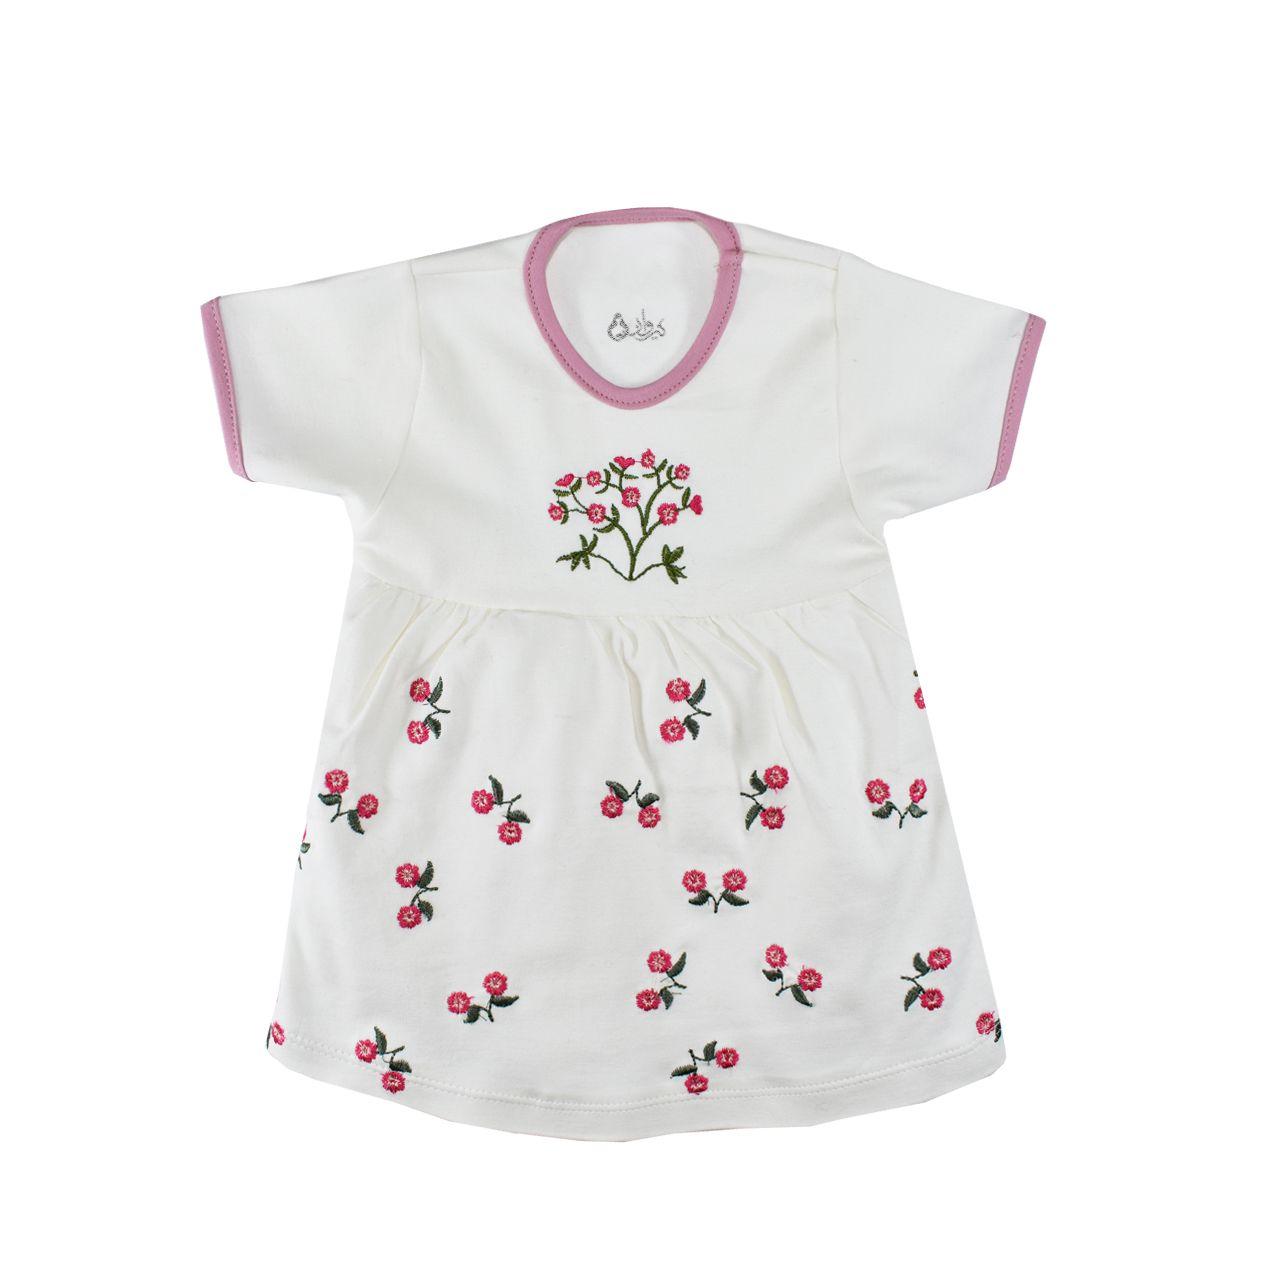 ست 5 تکه لباس نوزادی نیروان طرح گل کد 4 -  - 7